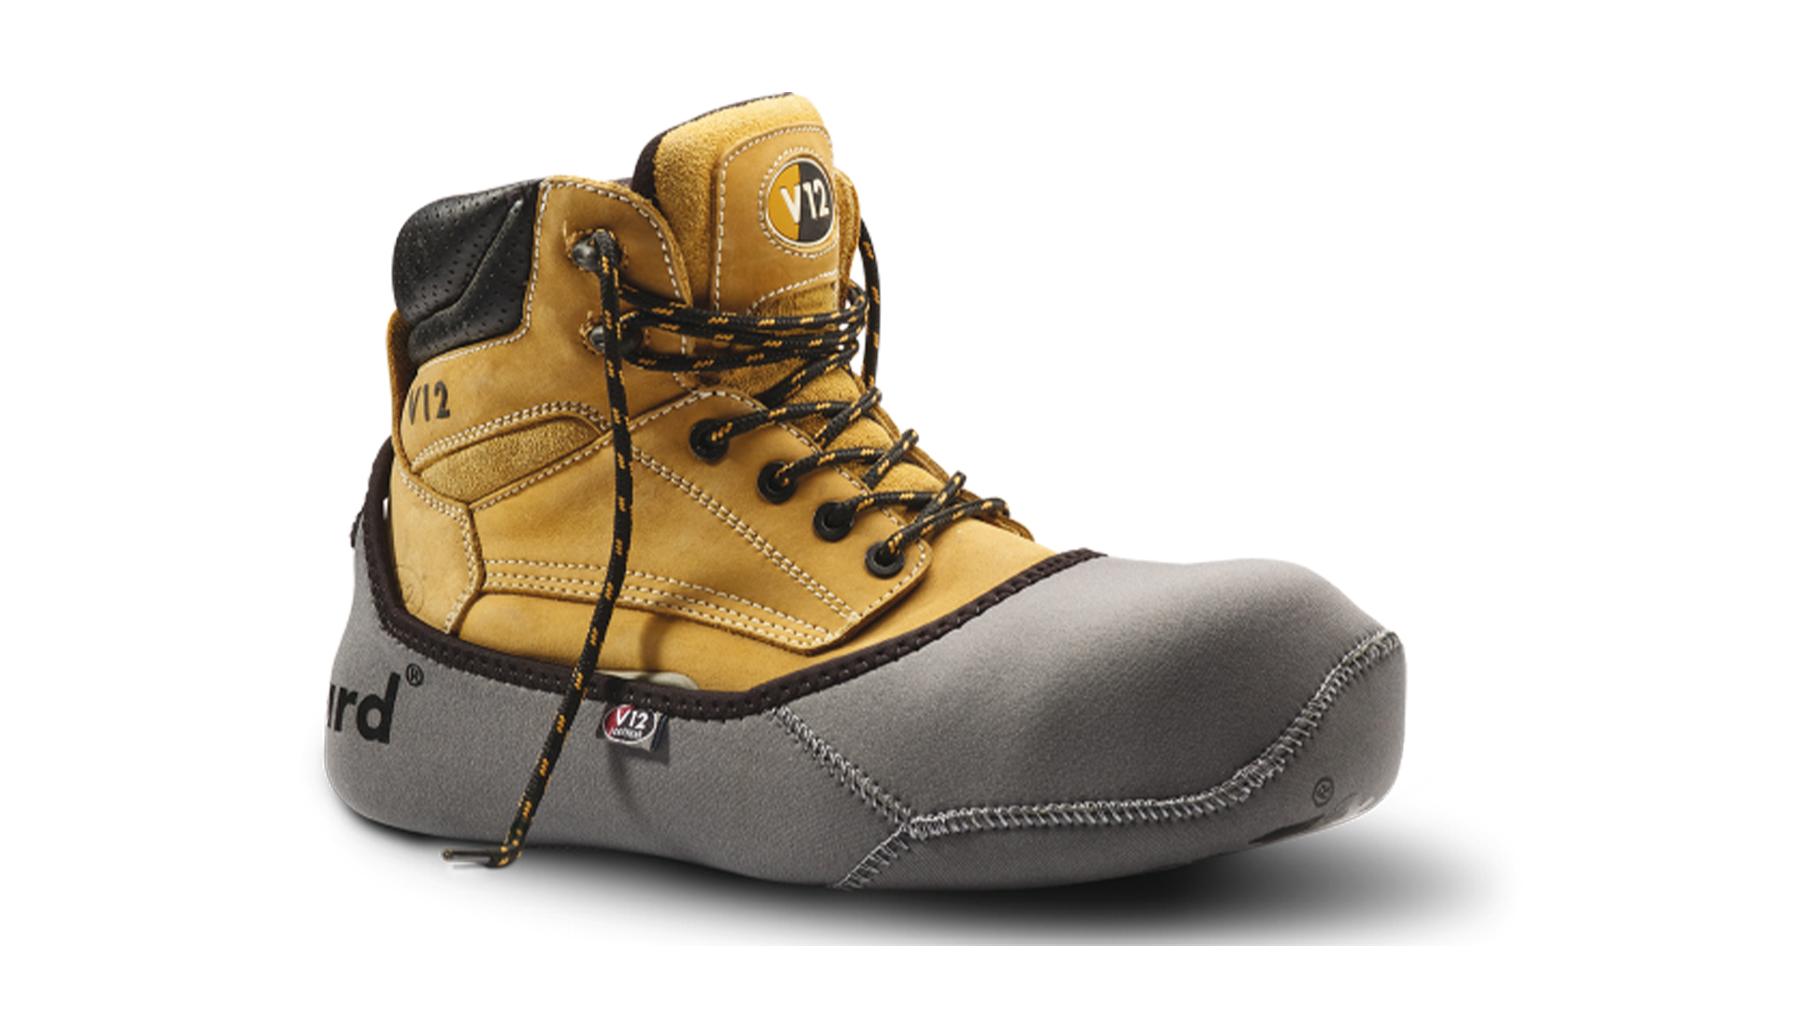 image of V12 Footwear MukGuard